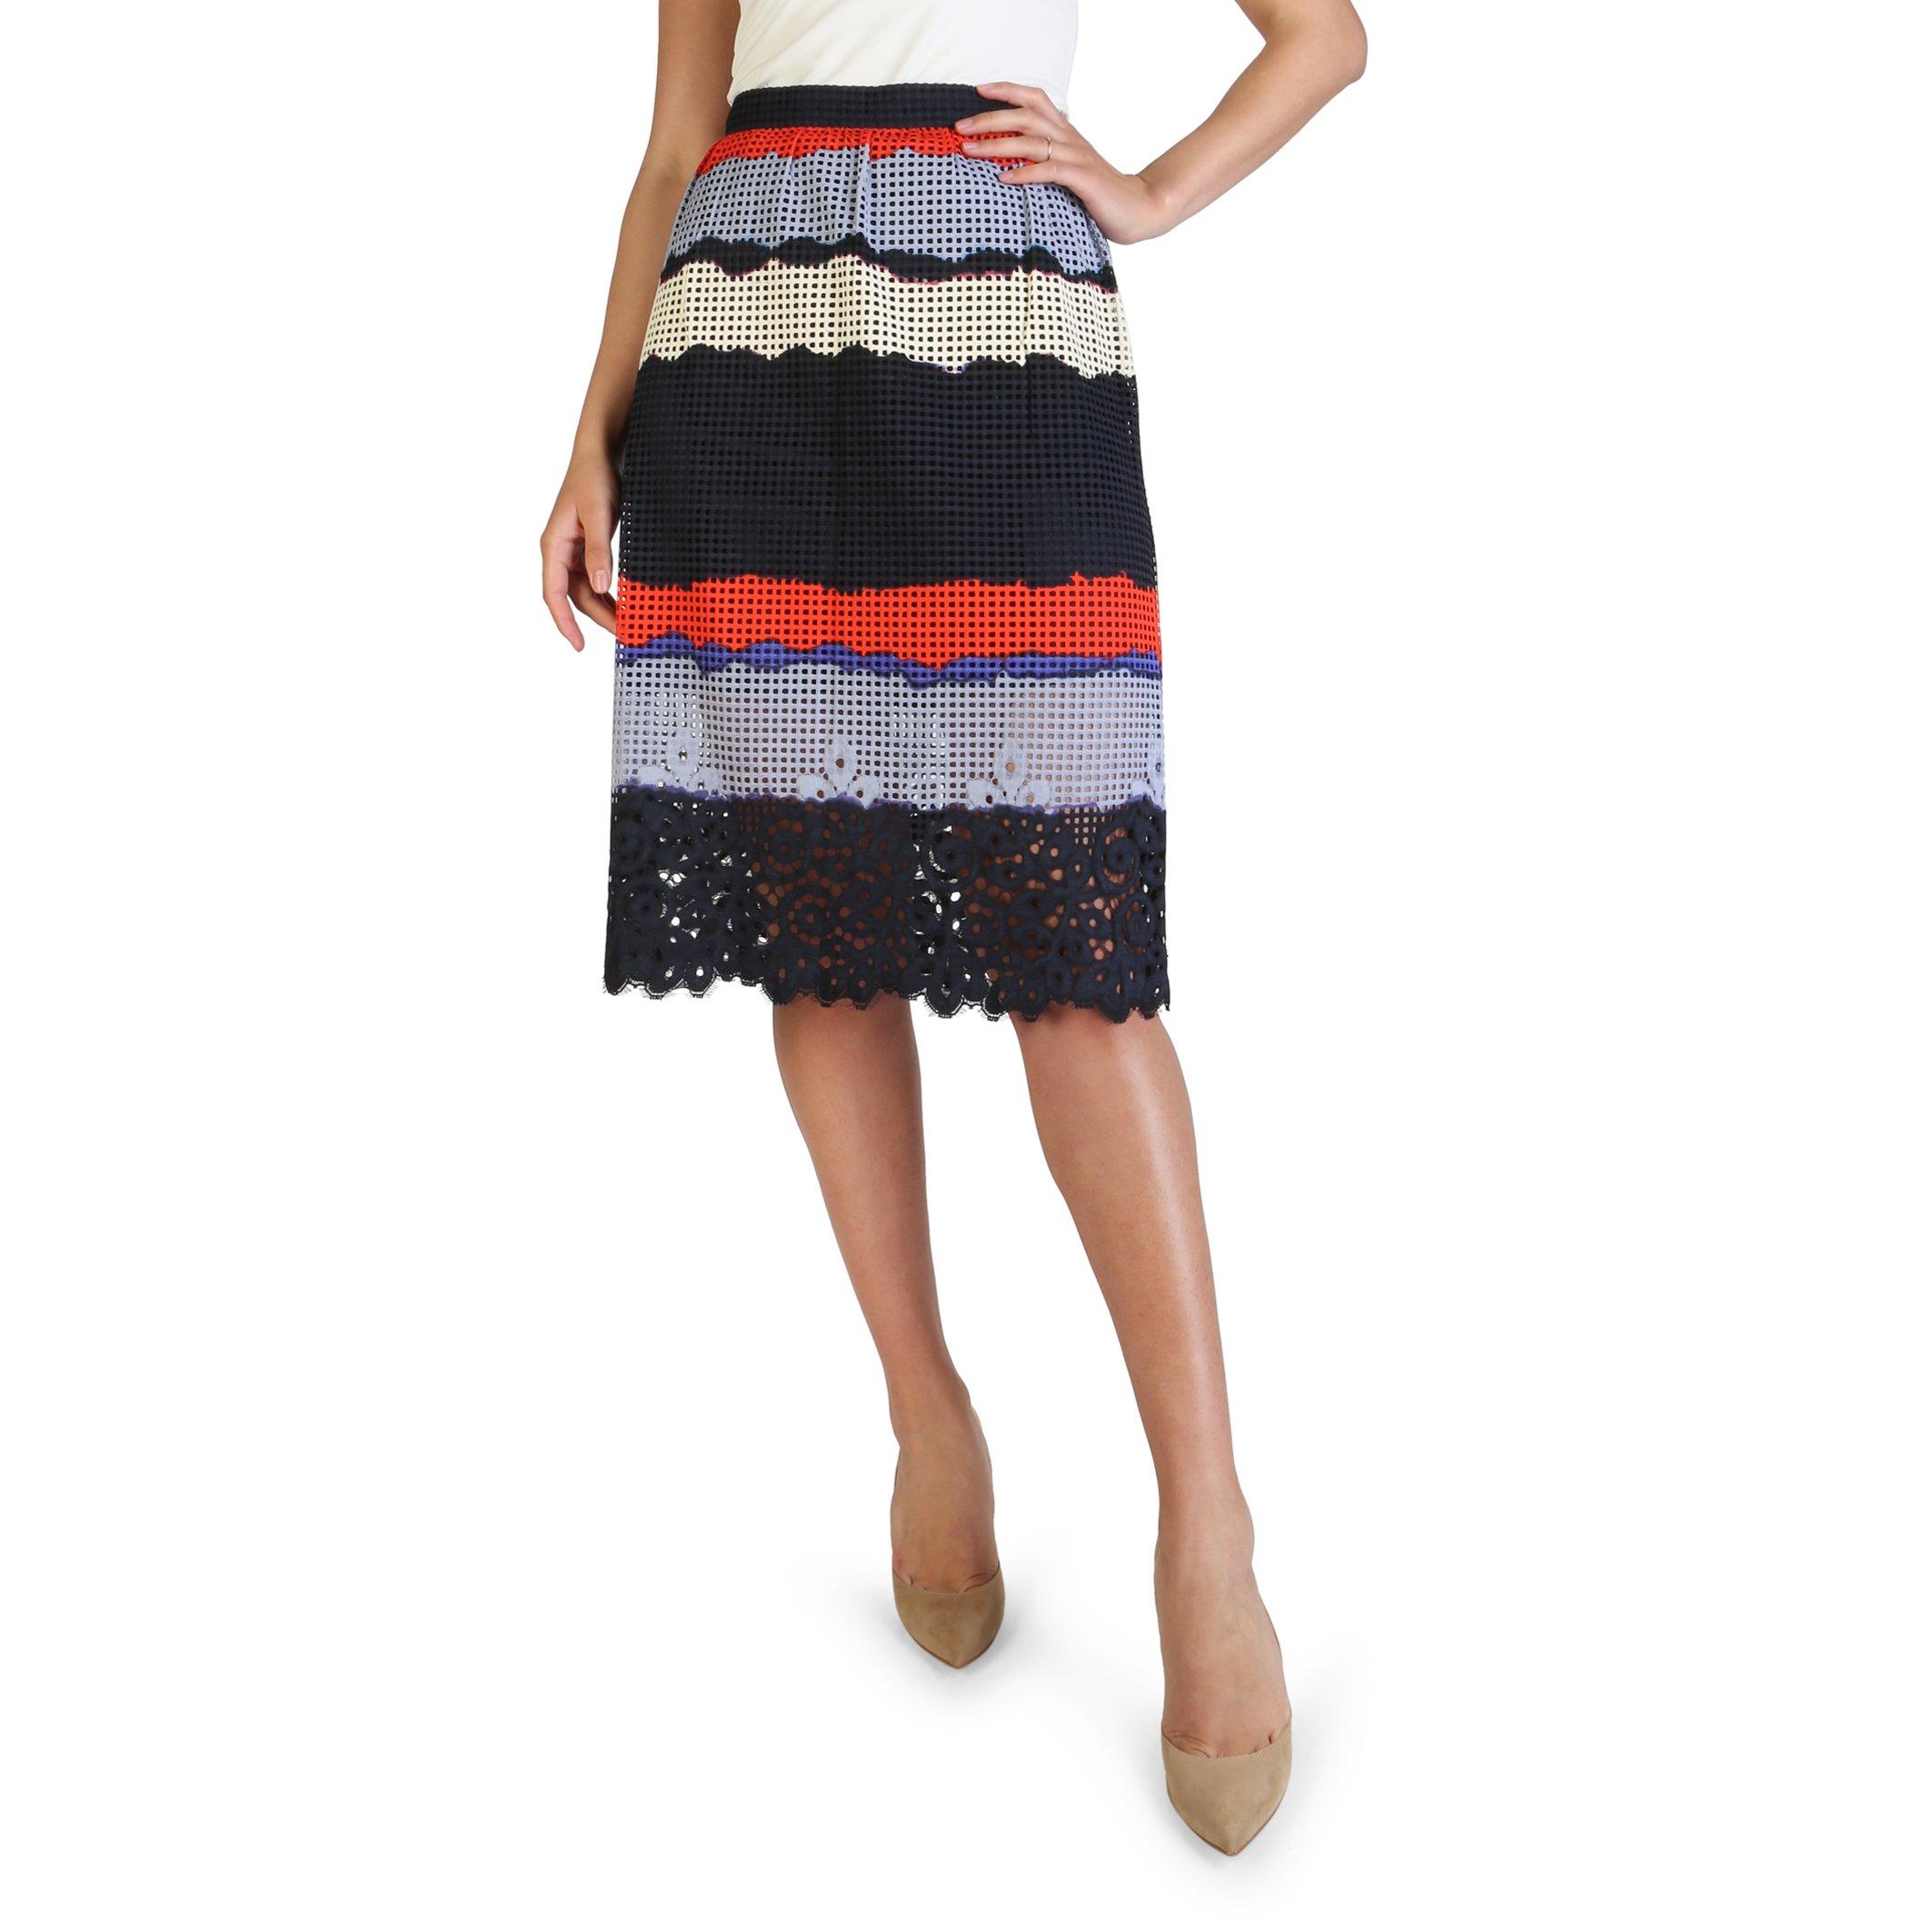 Tommy Hilfiger Women's Skirt White WW0WW22213 - black 2